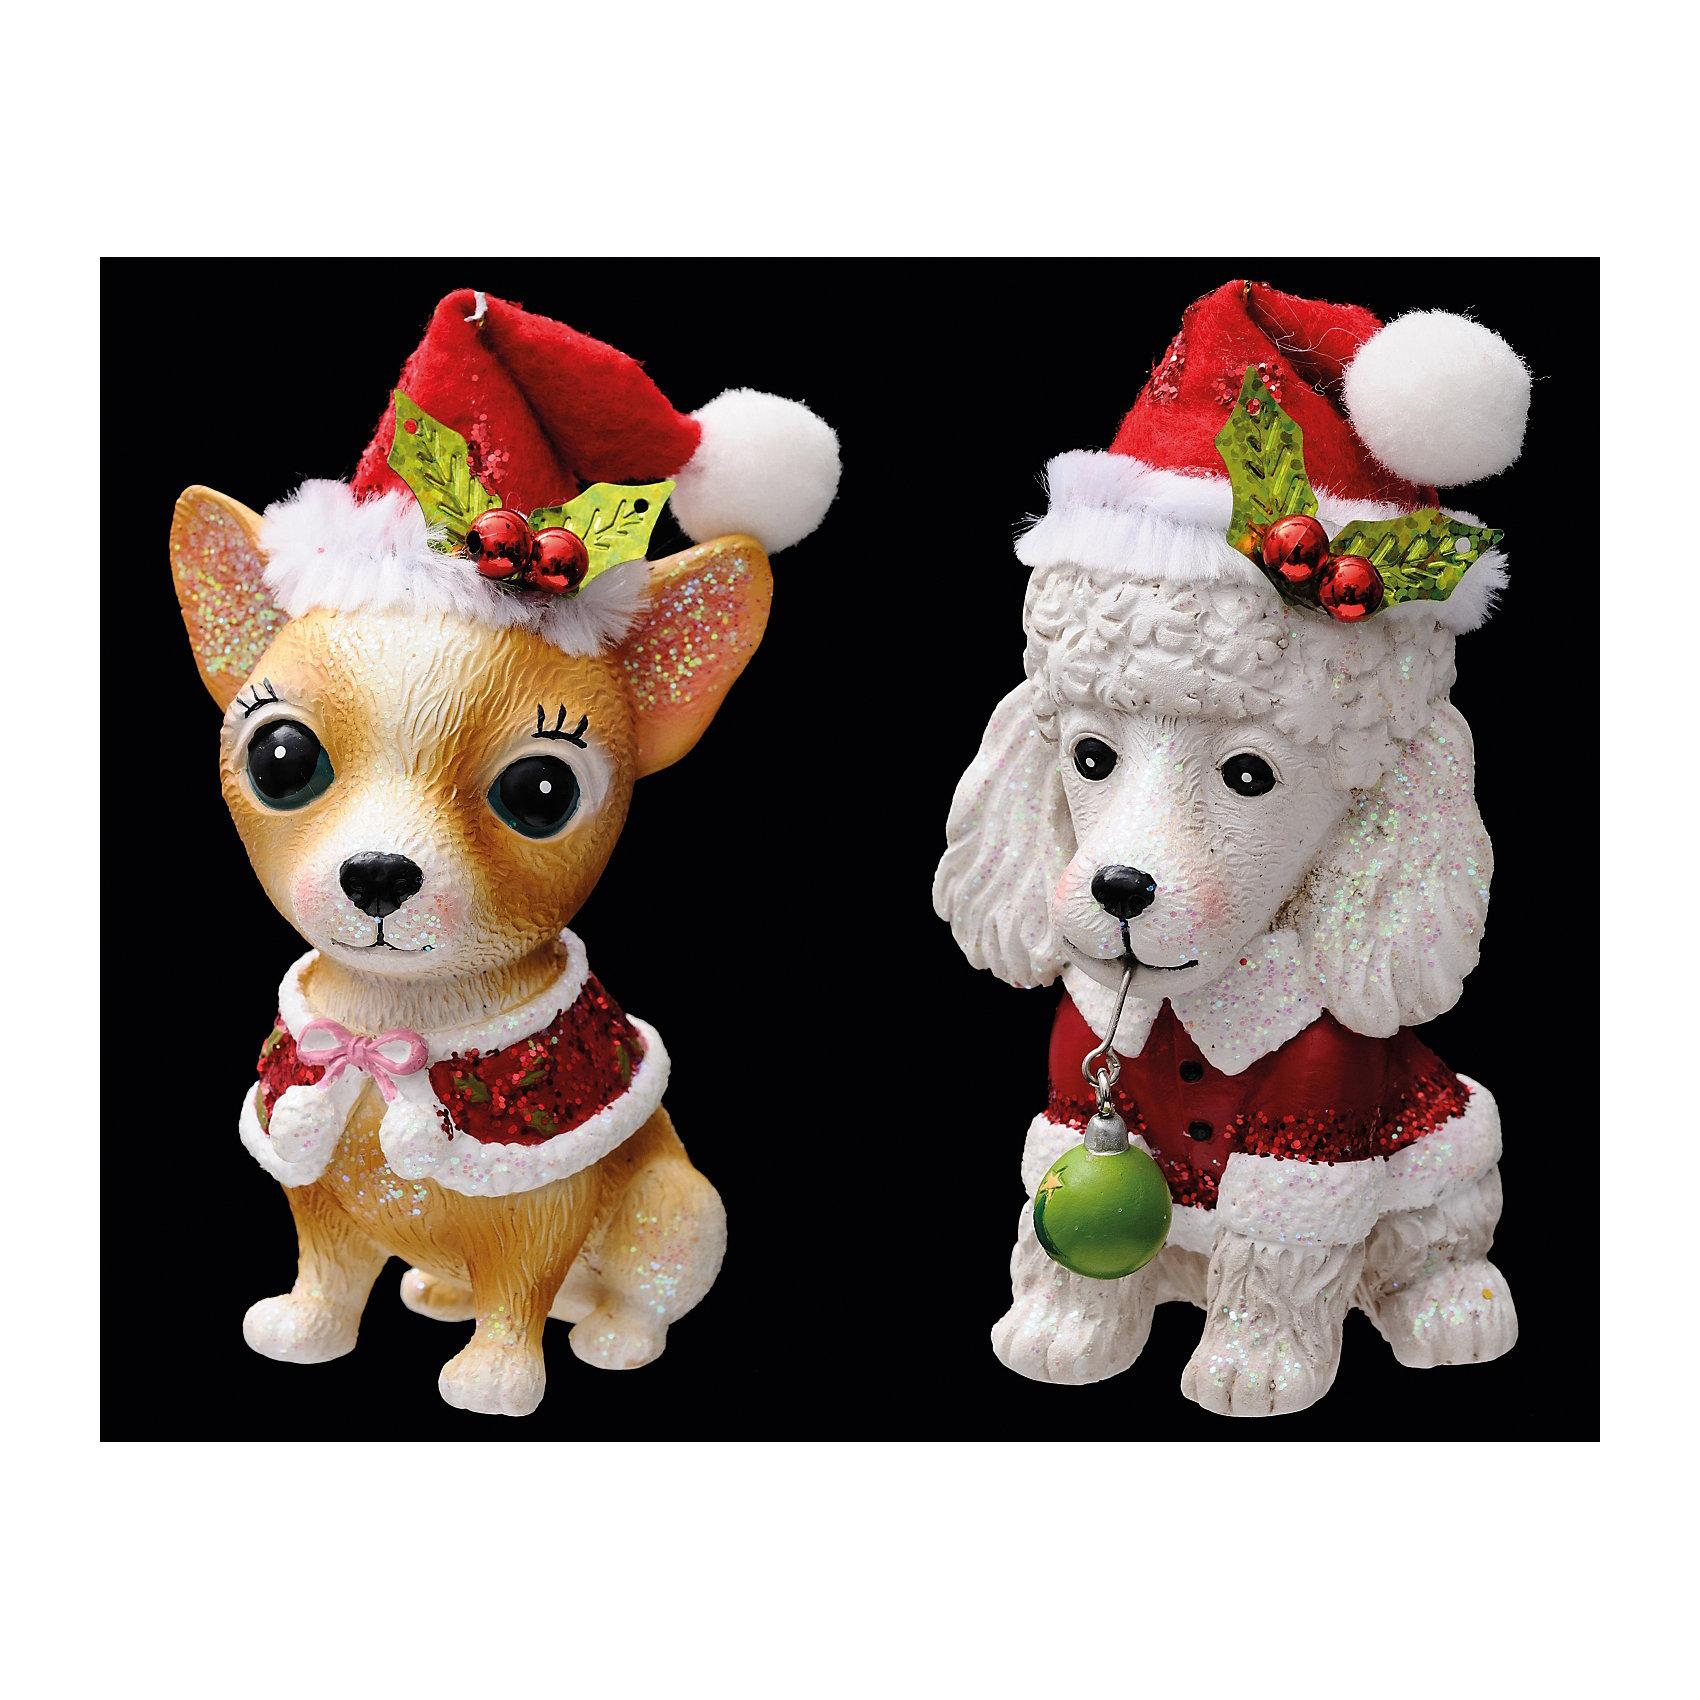 Украшение Собачка с омелой в ассортиментеУкрашение Собачка с омелой в ассортименте выполнено в виде празднично одетых собачек в колпаках: мальчик-пудель в красной курточке или девочка-чихуахуа в блестящей накидке. Обе фигурки очень милые и обсыпаны блестками, что позволит им прекрасно смотреться на елочке и радовать глаз!<br><br>Дополнительная информация:<br>-Материалы: полирезина<br>-Размер в упаковке: 4,5х6х10 см<br>-Вес в упаковке: 86 г<br>-Размер: 10 см<br>-В ассортименте: пудель или чихуахуа (Внимание! Заранее выбрать невозможно, при заказе нескольких возможно получение одинаковых)<br><br>Украшение Собачка с омелой в ассортименте можно купить в нашем магазине.<br><br>Ширина мм: 45<br>Глубина мм: 60<br>Высота мм: 100<br>Вес г: 86<br>Возраст от месяцев: 84<br>Возраст до месяцев: 2147483647<br>Пол: Унисекс<br>Возраст: Детский<br>SKU: 4286690